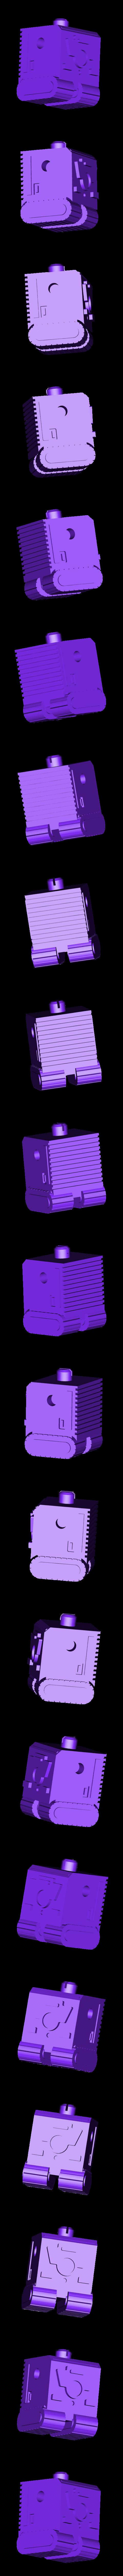 Robotto_Body.stl Download free STL file Robotto • 3D print design, Zortrax